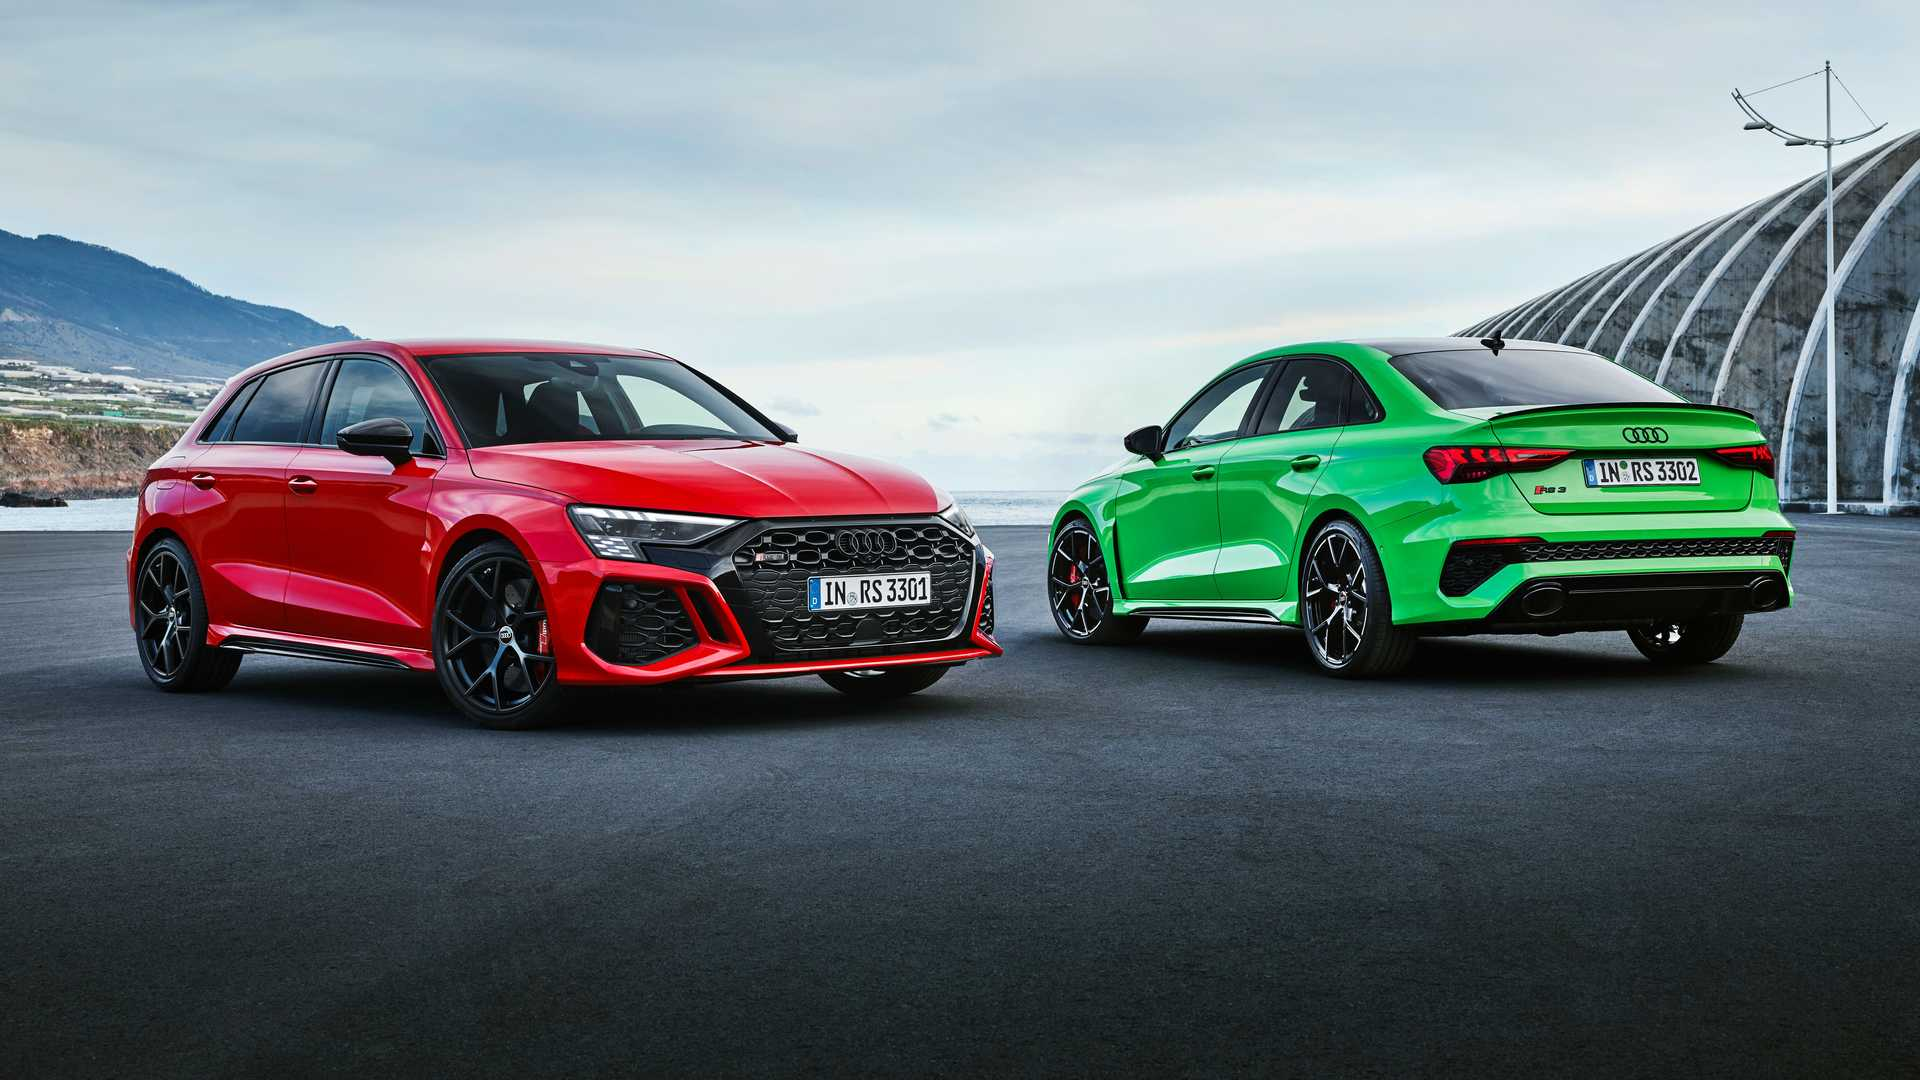 Седан и хэтчбек Audi RS 3 нового поколения: теперь свой дизайн и доработанное шасси